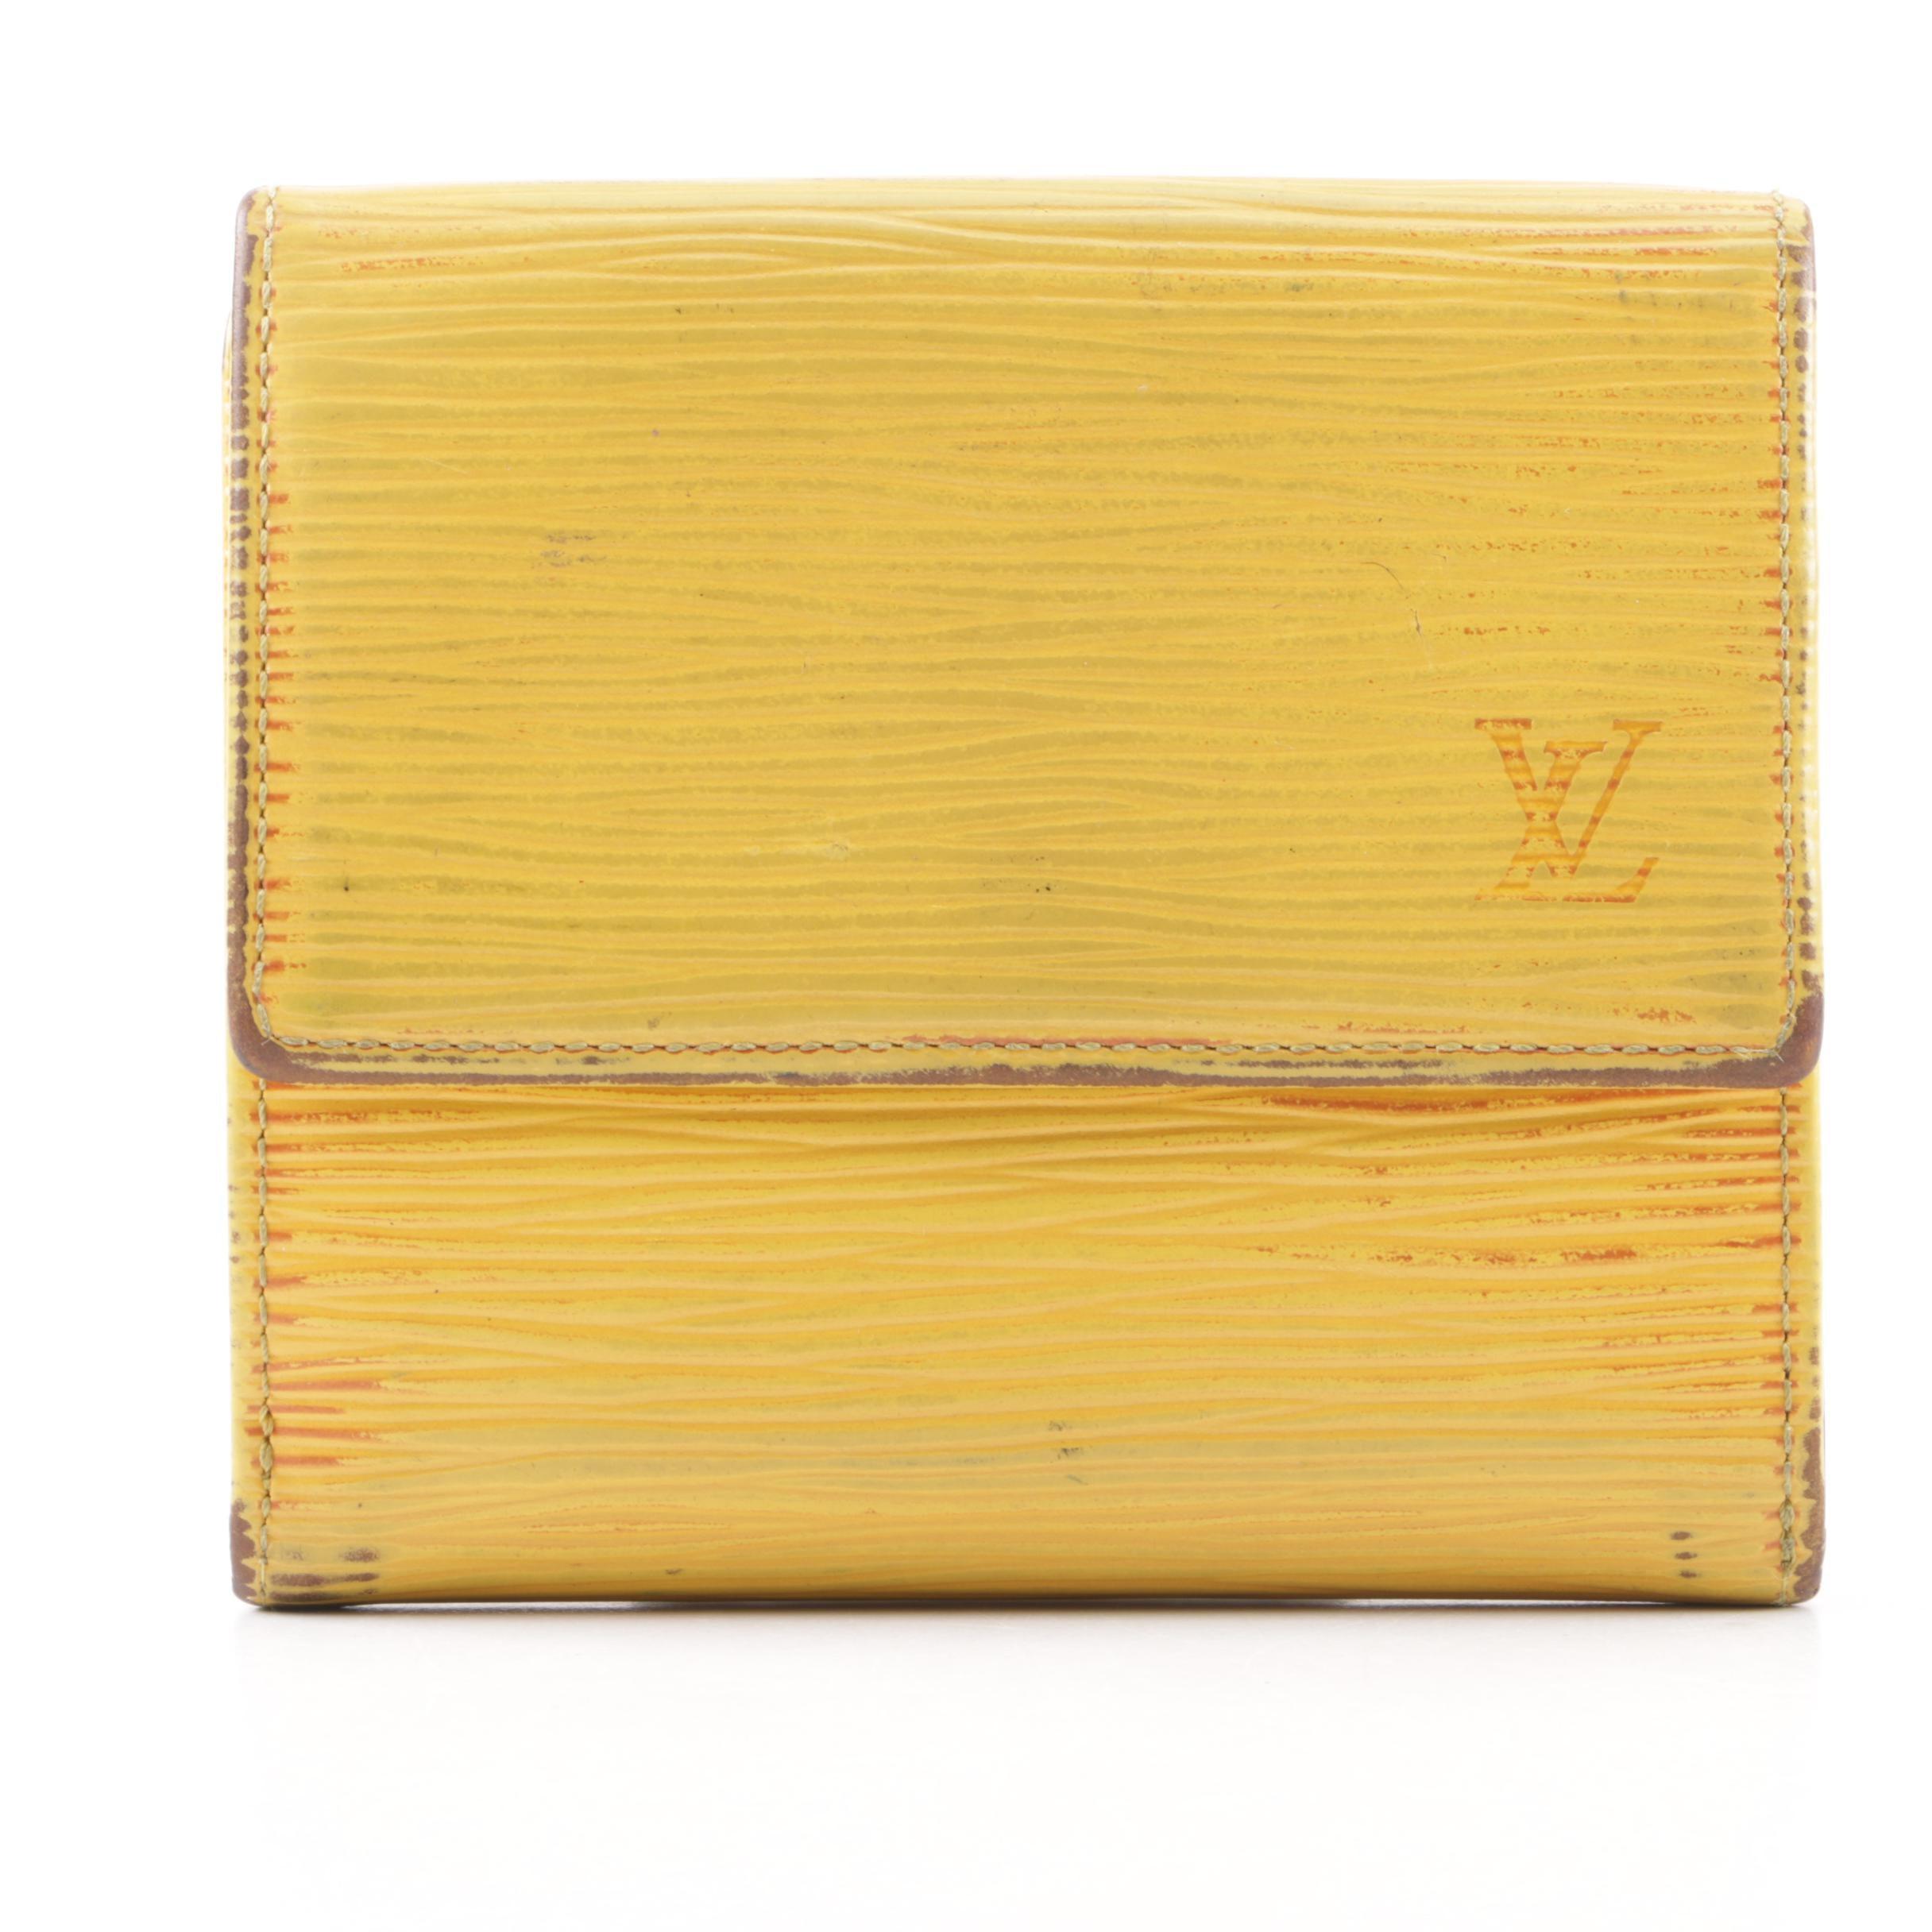 Louis Vuitton Epi Leather Tassil Yellow Poromievie Cartes Wallet